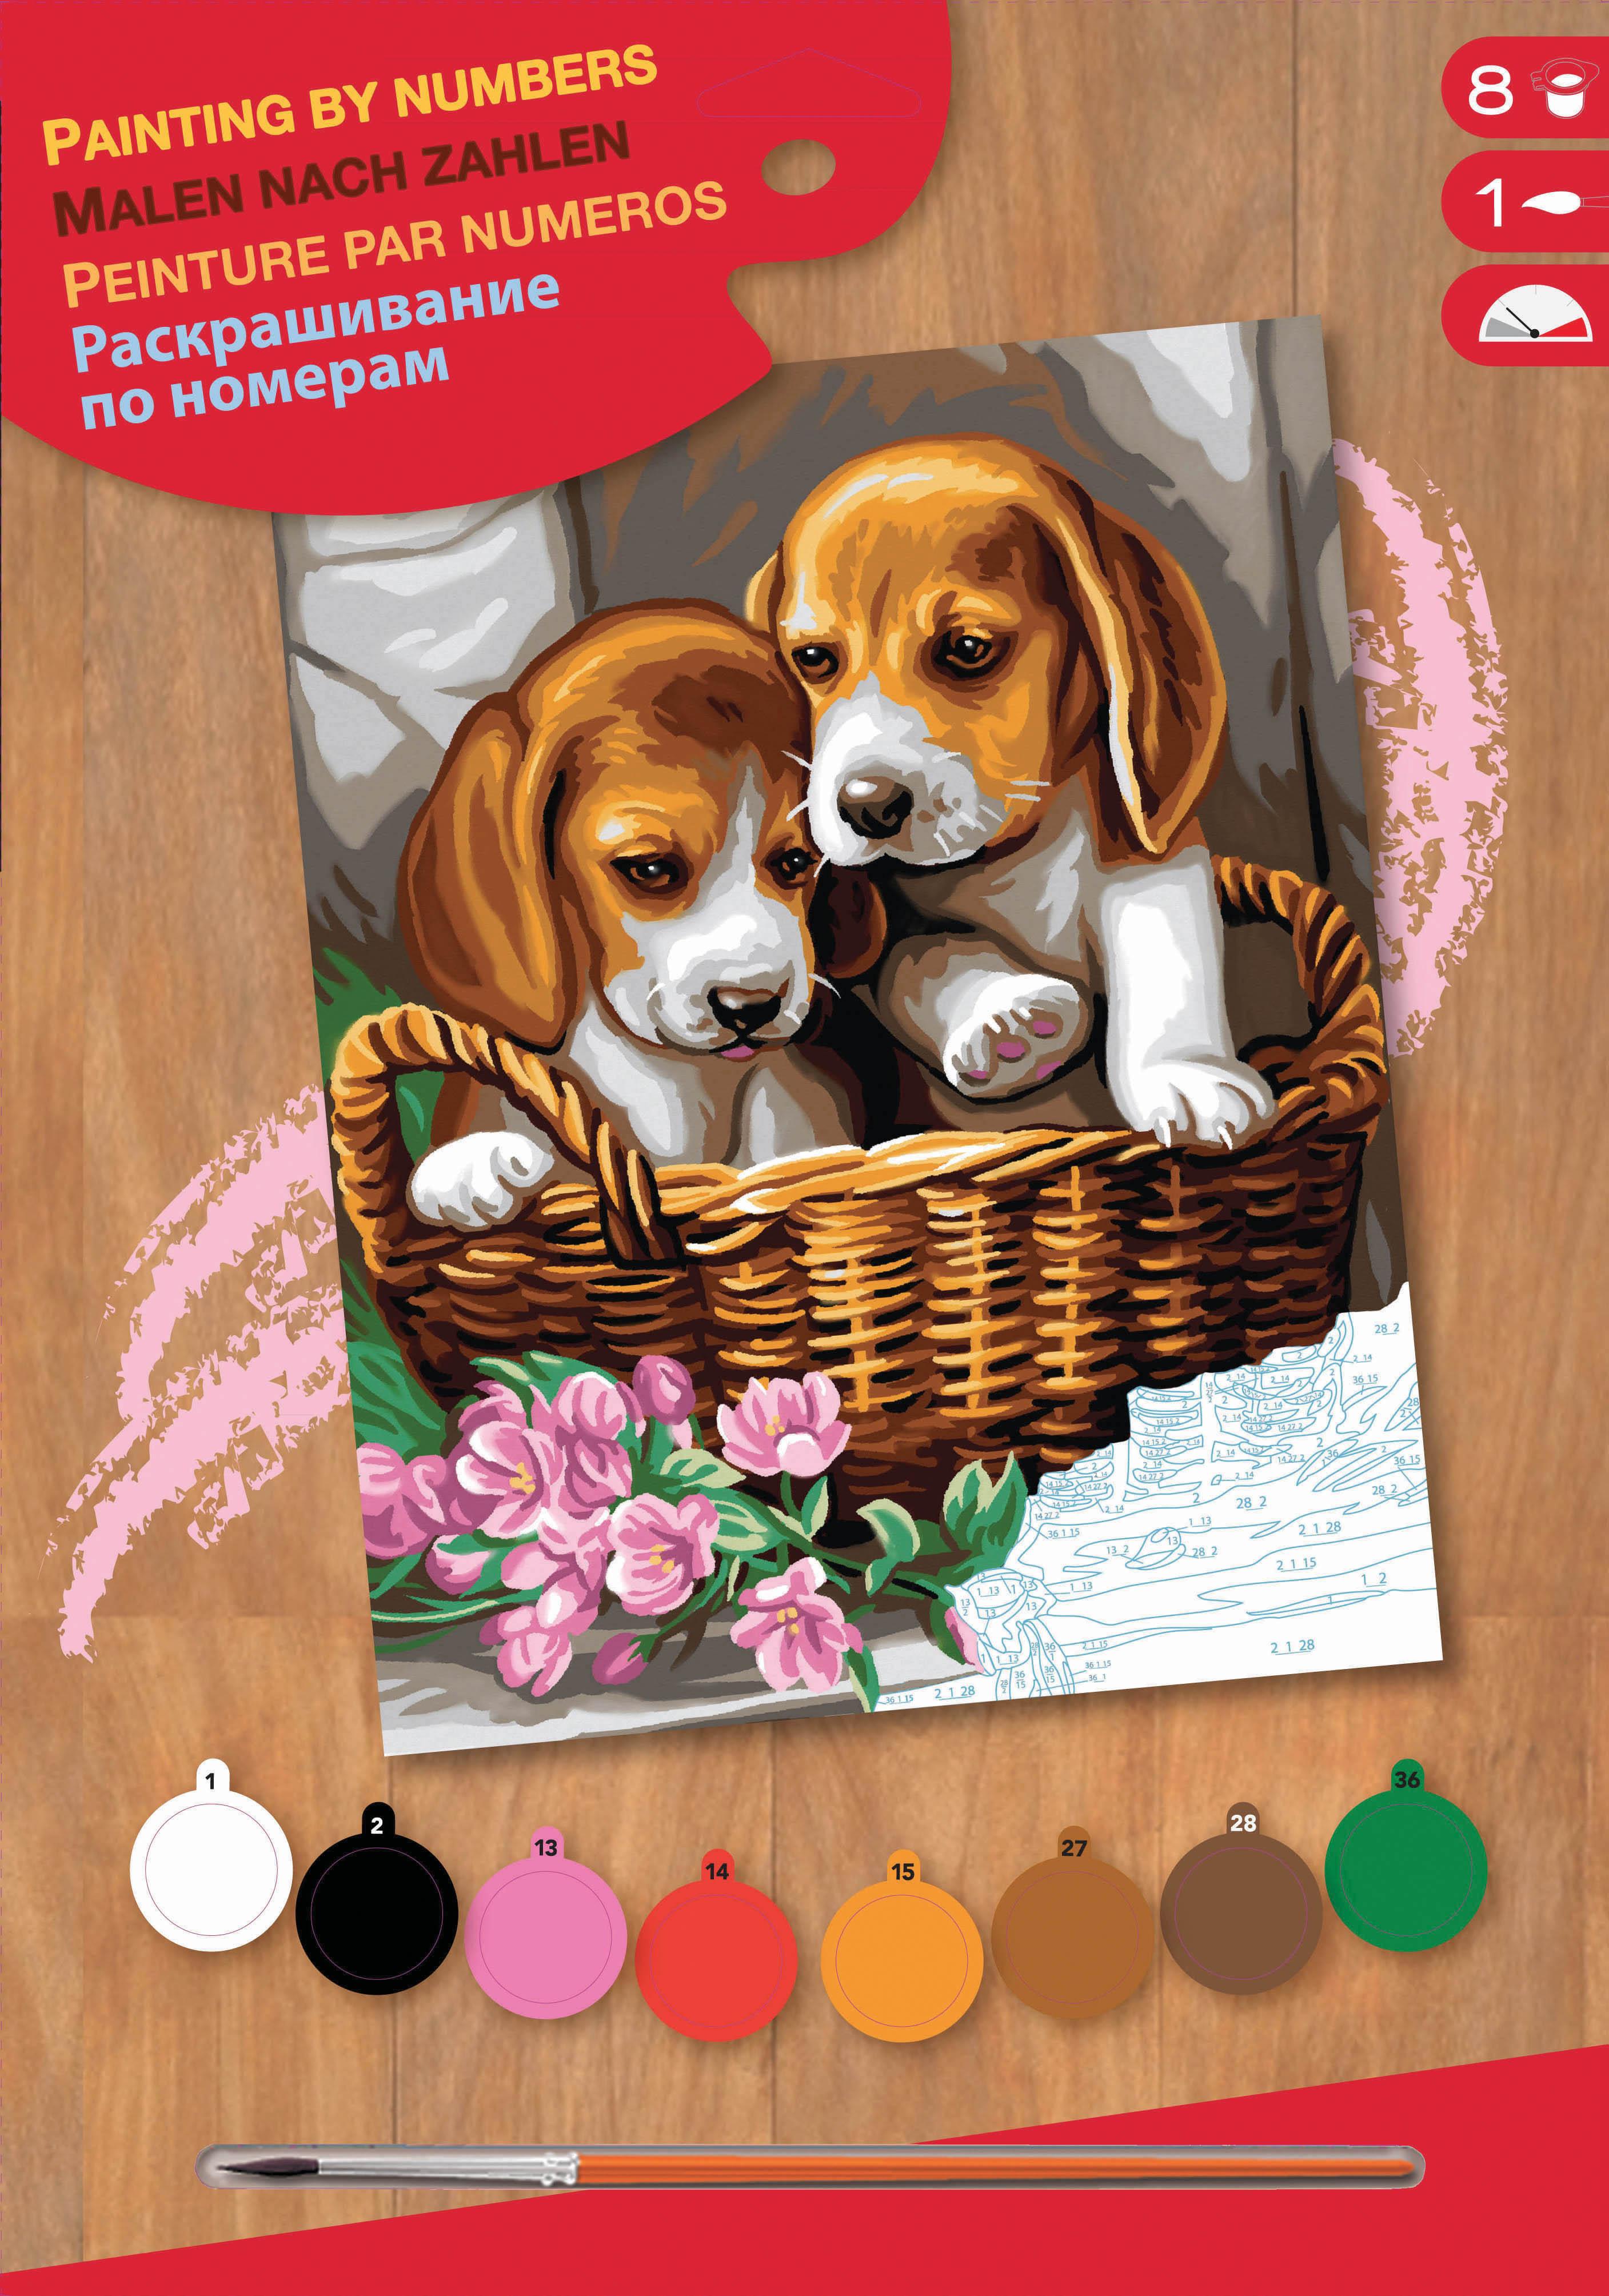 Sequin Art Набір для творчості PAINTING BY NUMBERS JUNIOR Basket of Puppies